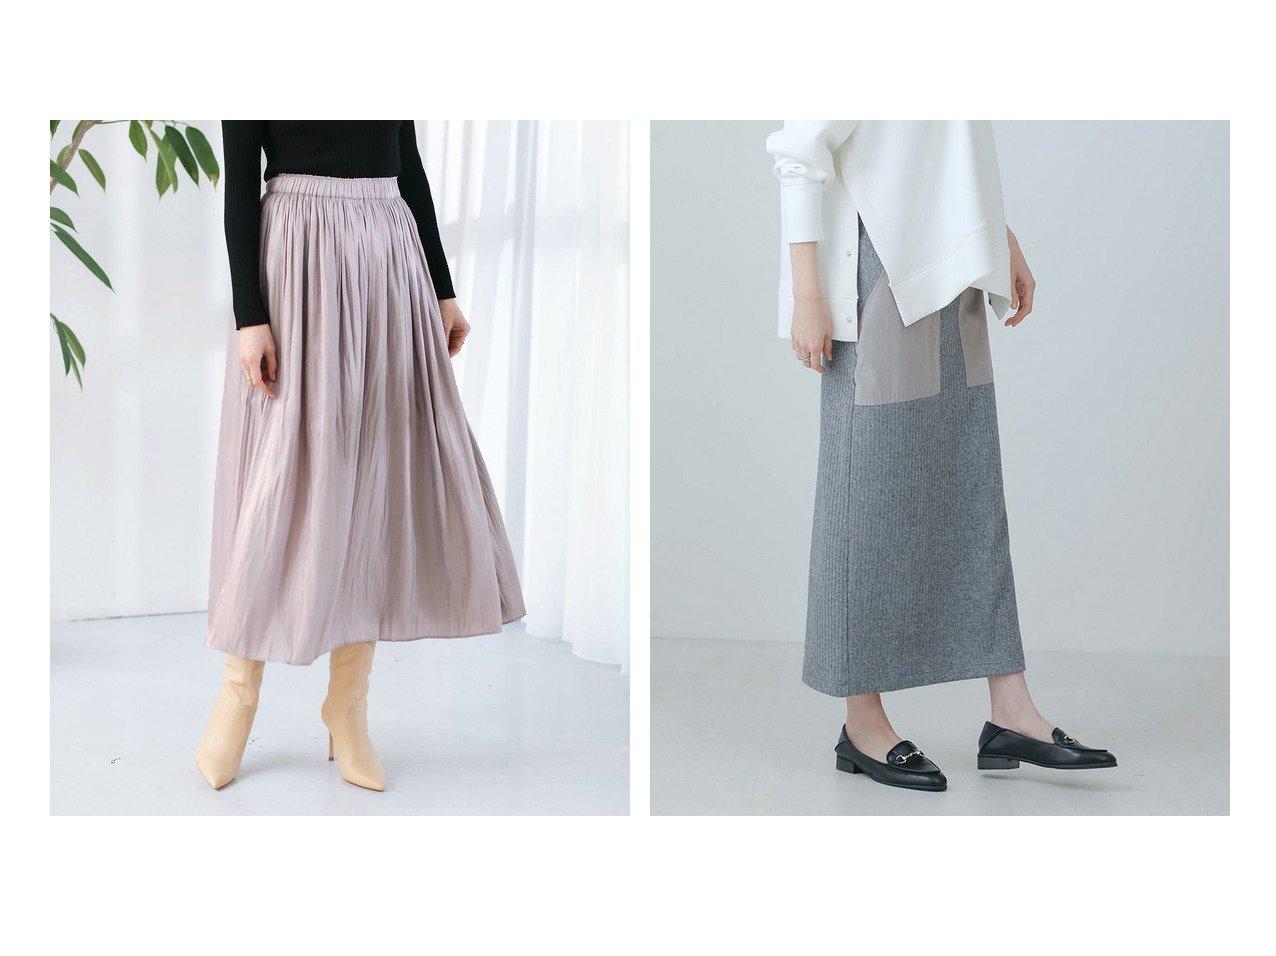 【Bou Jeloud/ブージュルード】のチュール×シャイニー 2wayリバーシブルスカート&ベイカーリブカットスカート おすすめ!人気!プチプライスで上品なファッションアイテムの通販  おすすめで人気の流行・トレンド、ファッションの通販商品 メンズファッション・キッズファッション・インテリア・家具・レディースファッション・服の通販 founy(ファニー) https://founy.com/ ファッション Fashion レディースファッション WOMEN スカート Skirt シャイニー チュニック チュール プチプライス・低価格 Affordable リバーシブル 楽ちん ワンポイント |ID:crp329100000021379